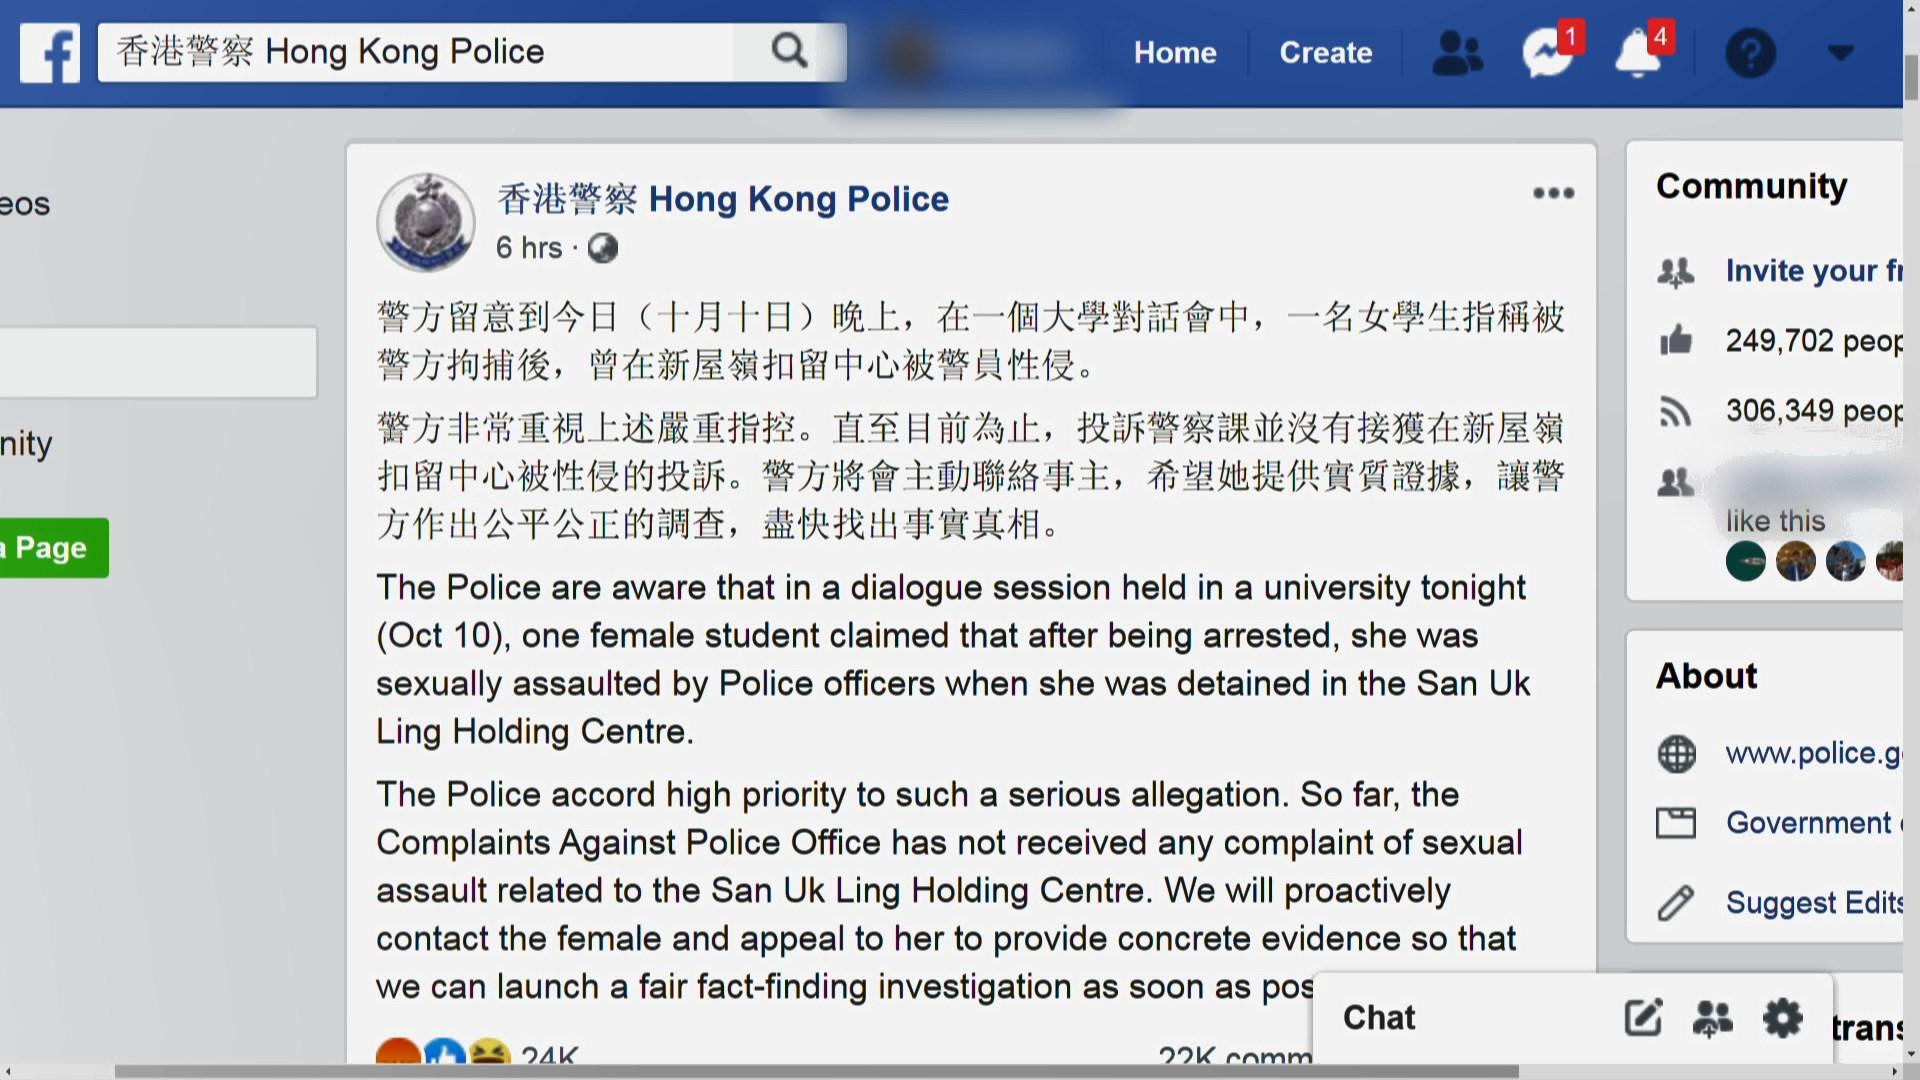 警方:非常重視女學生被警員性侵指控